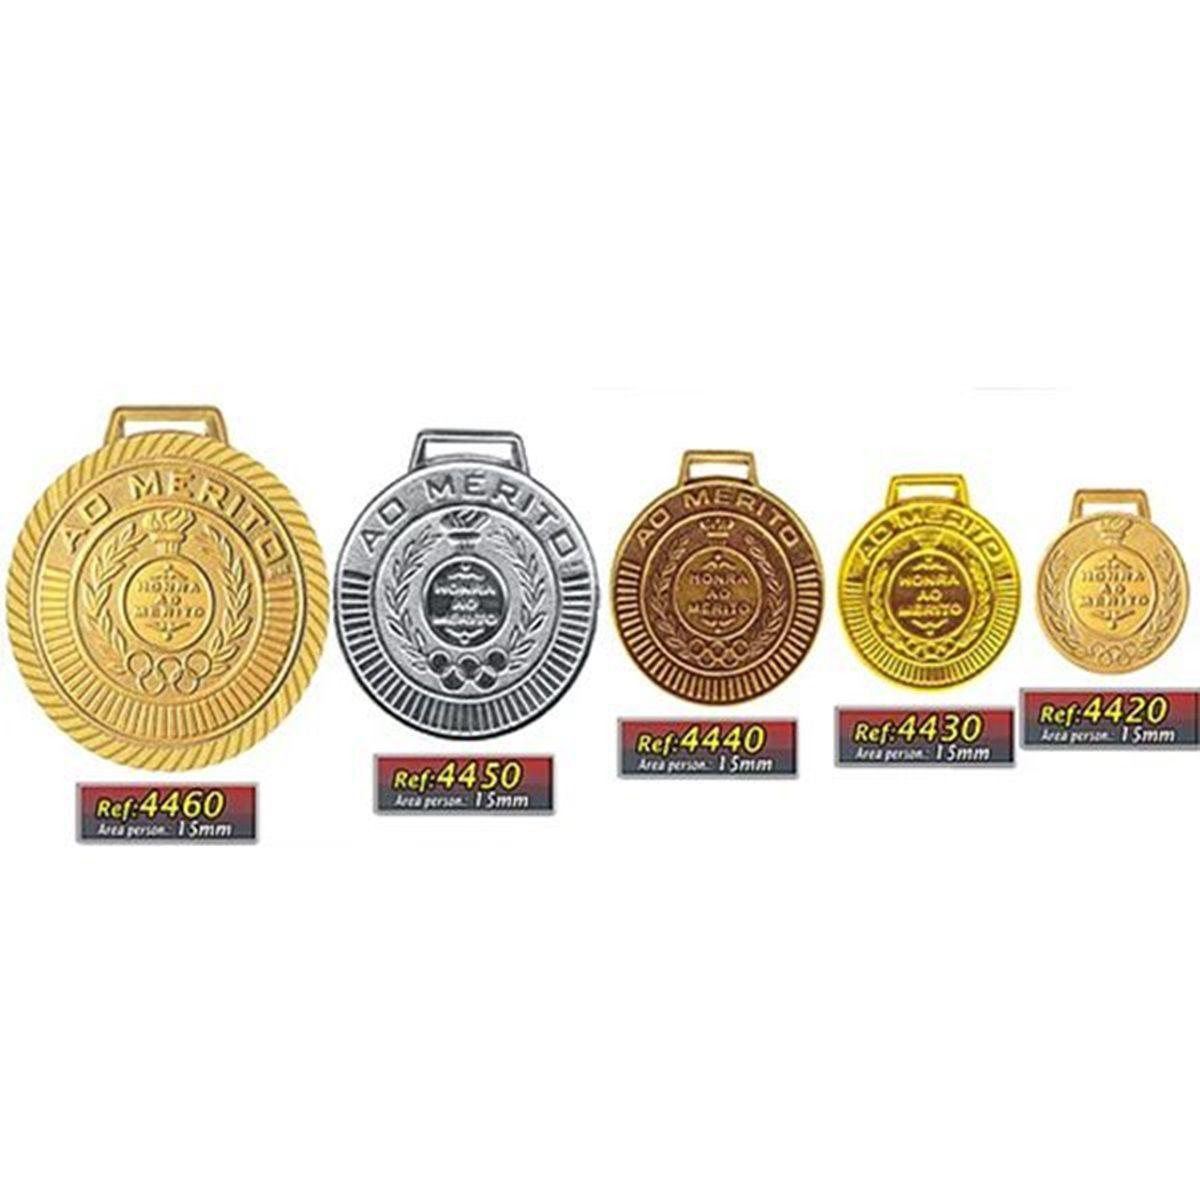 Kit C/120 Medalhas Rema Honra ao Mérito 40mm com Fita